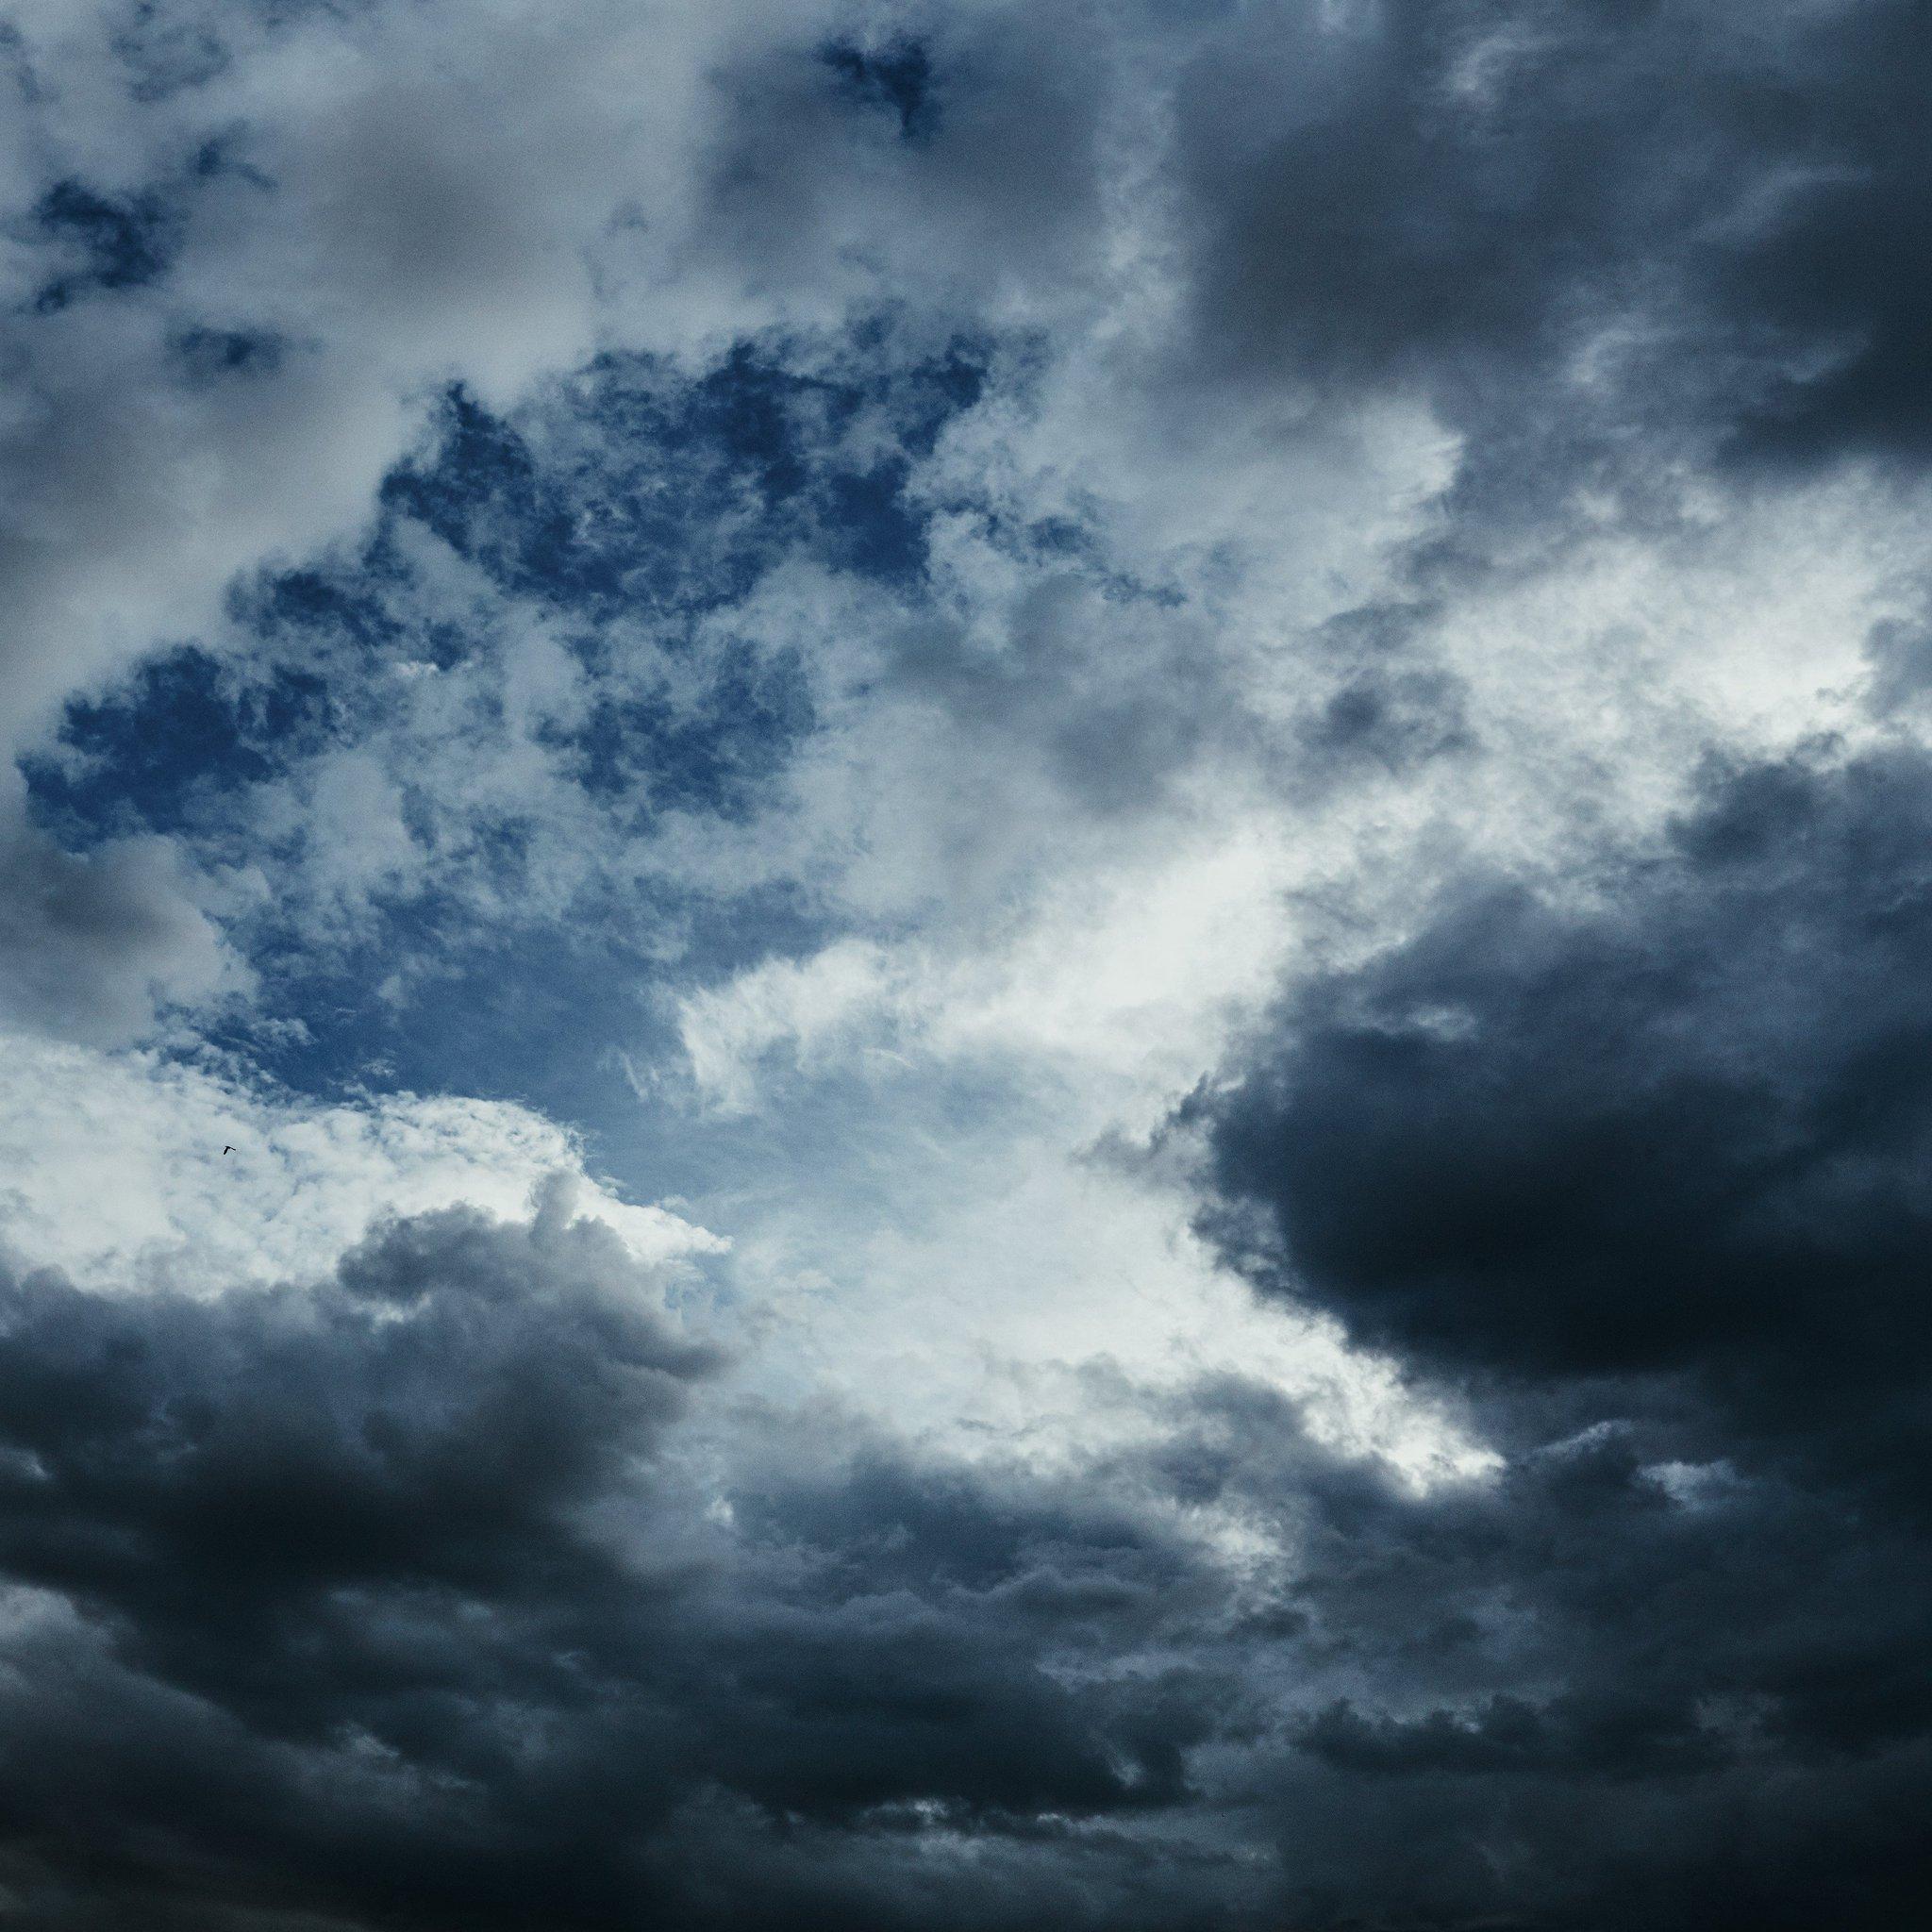 Фотография с мрачными тучами и голубым небом